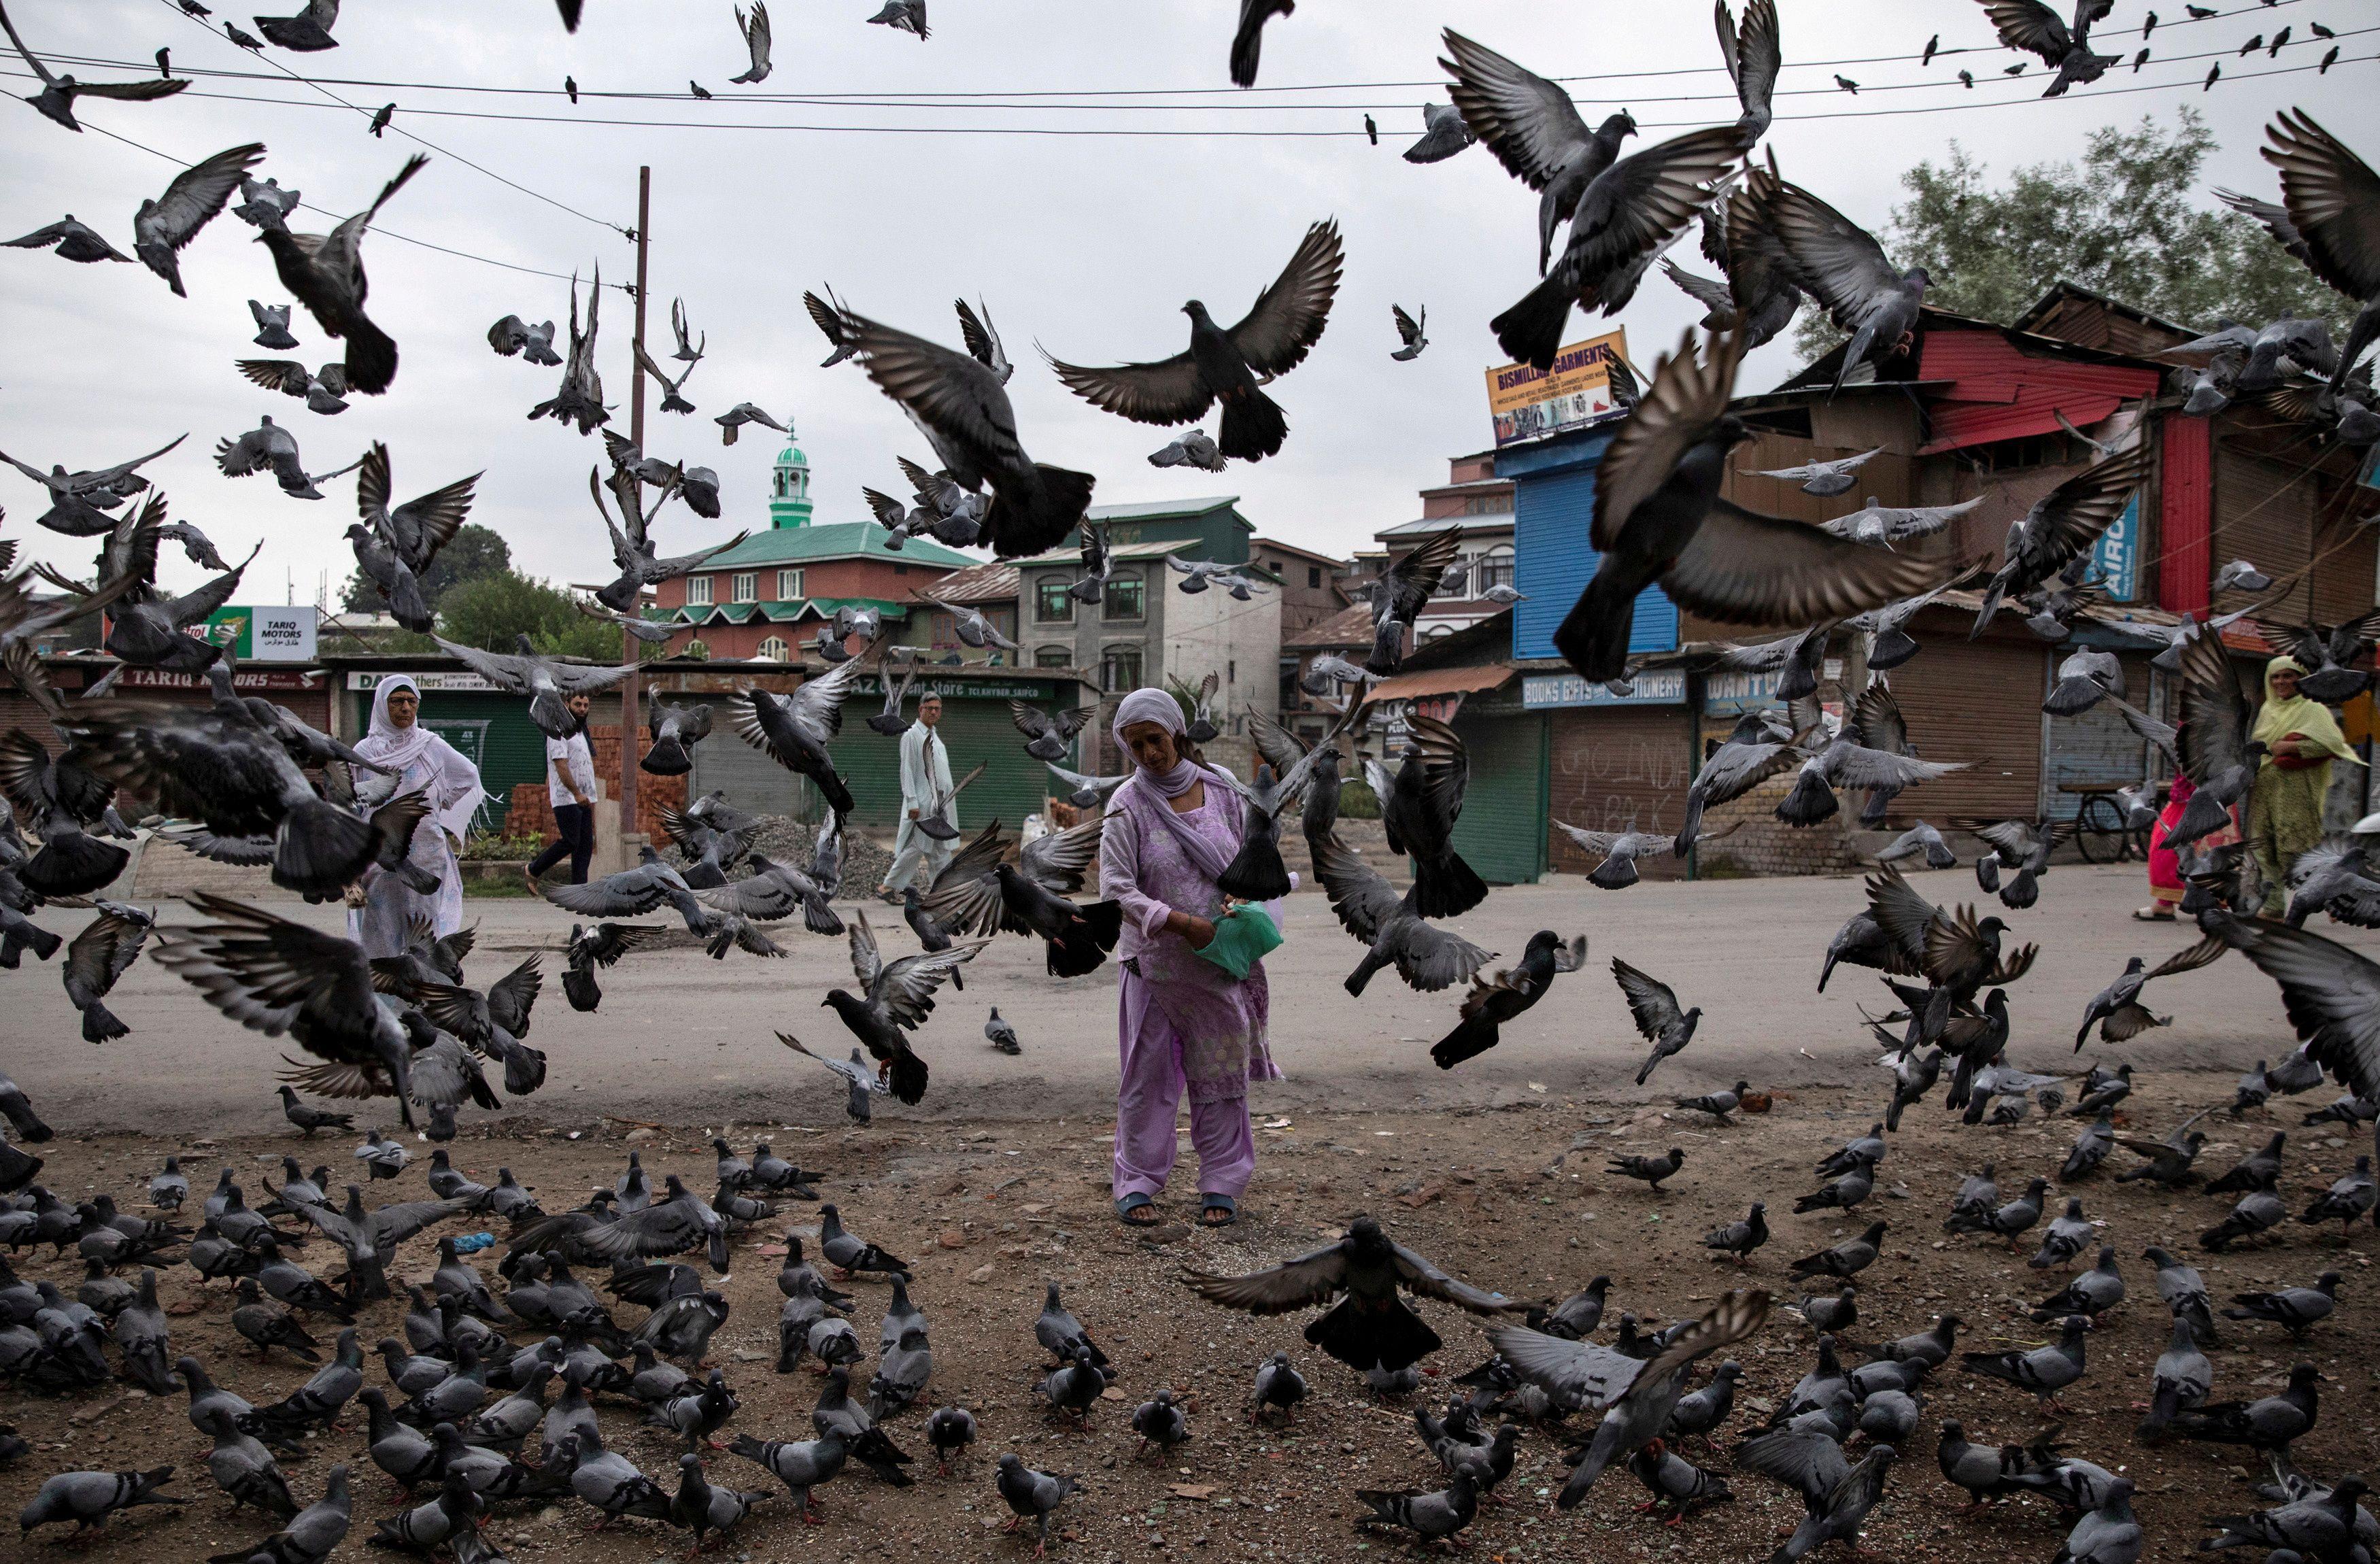 Una mujer de Cachemira alimenta a las palomas en una calle durante las restricciones tras la eliminación del estatus constitucional especial para Cachemira por parte del gobierno, en Srinagar, el 11 de agosto de 2019.